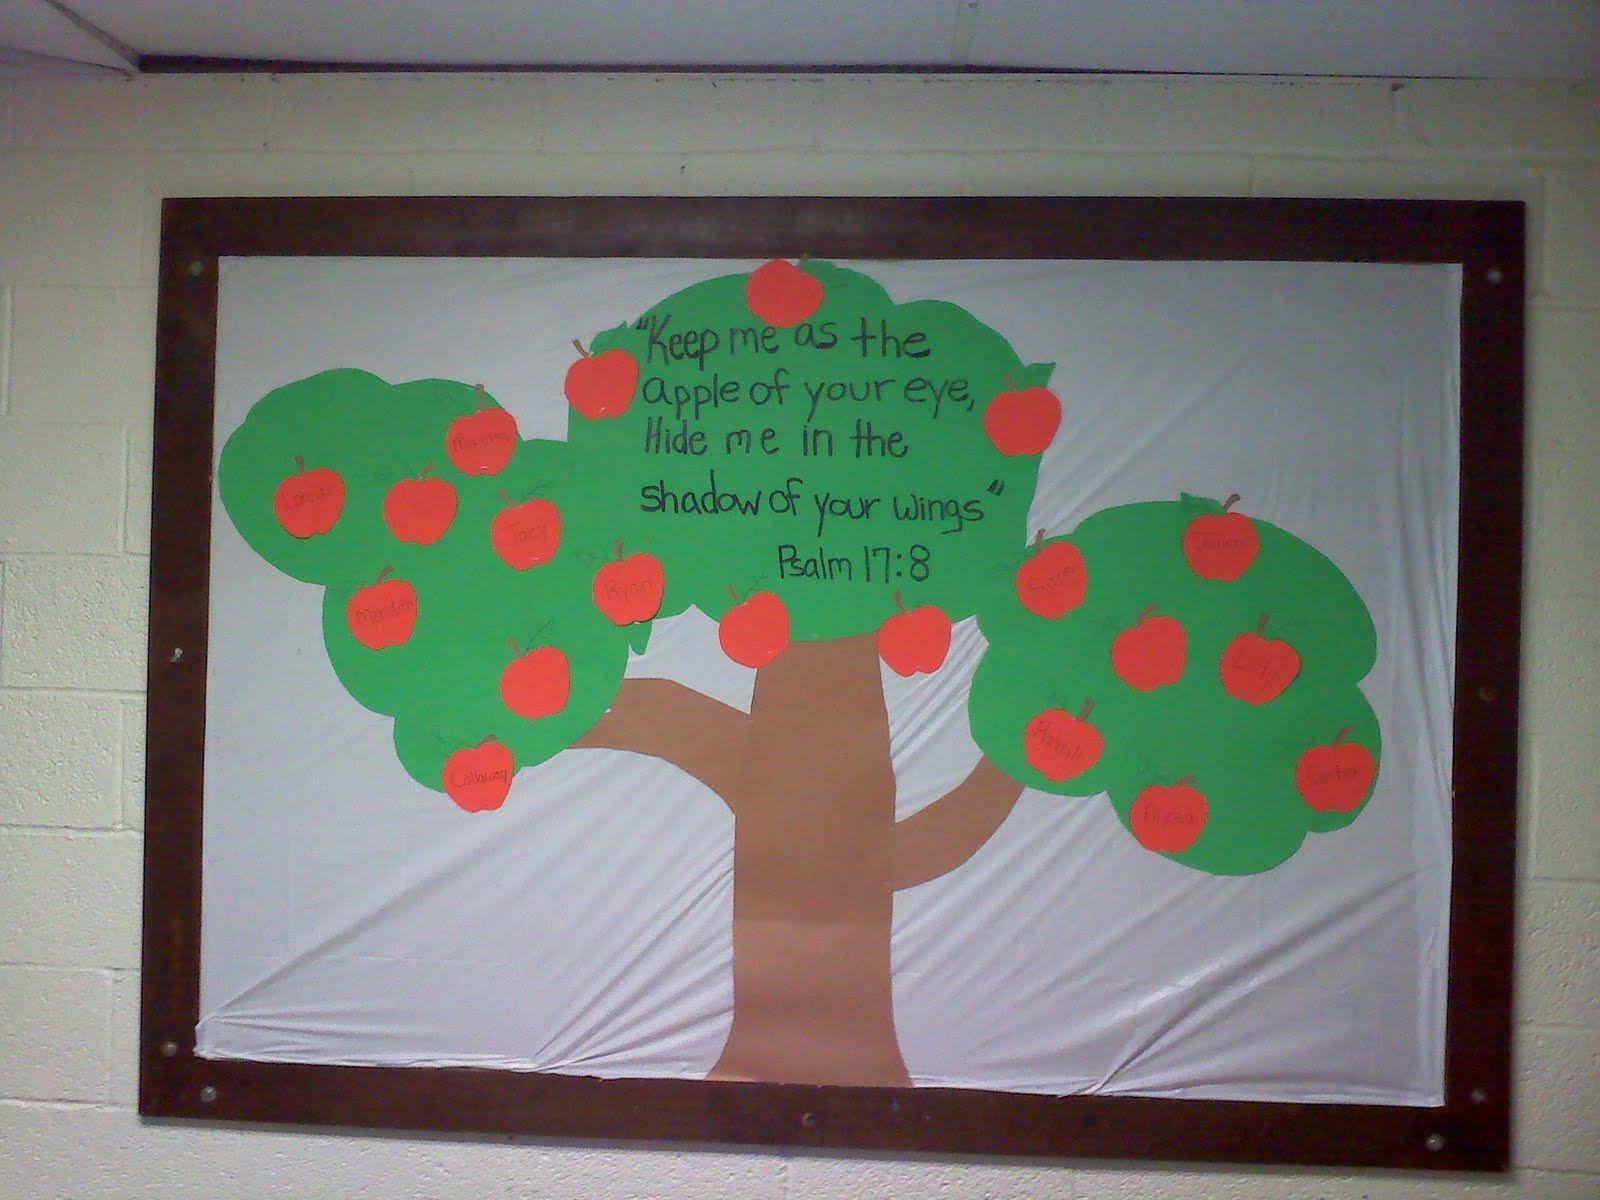 The Paxton Times Church Bulletin Board Church Bulletin Preschool Bulletin Boards Church Bulletin Boards